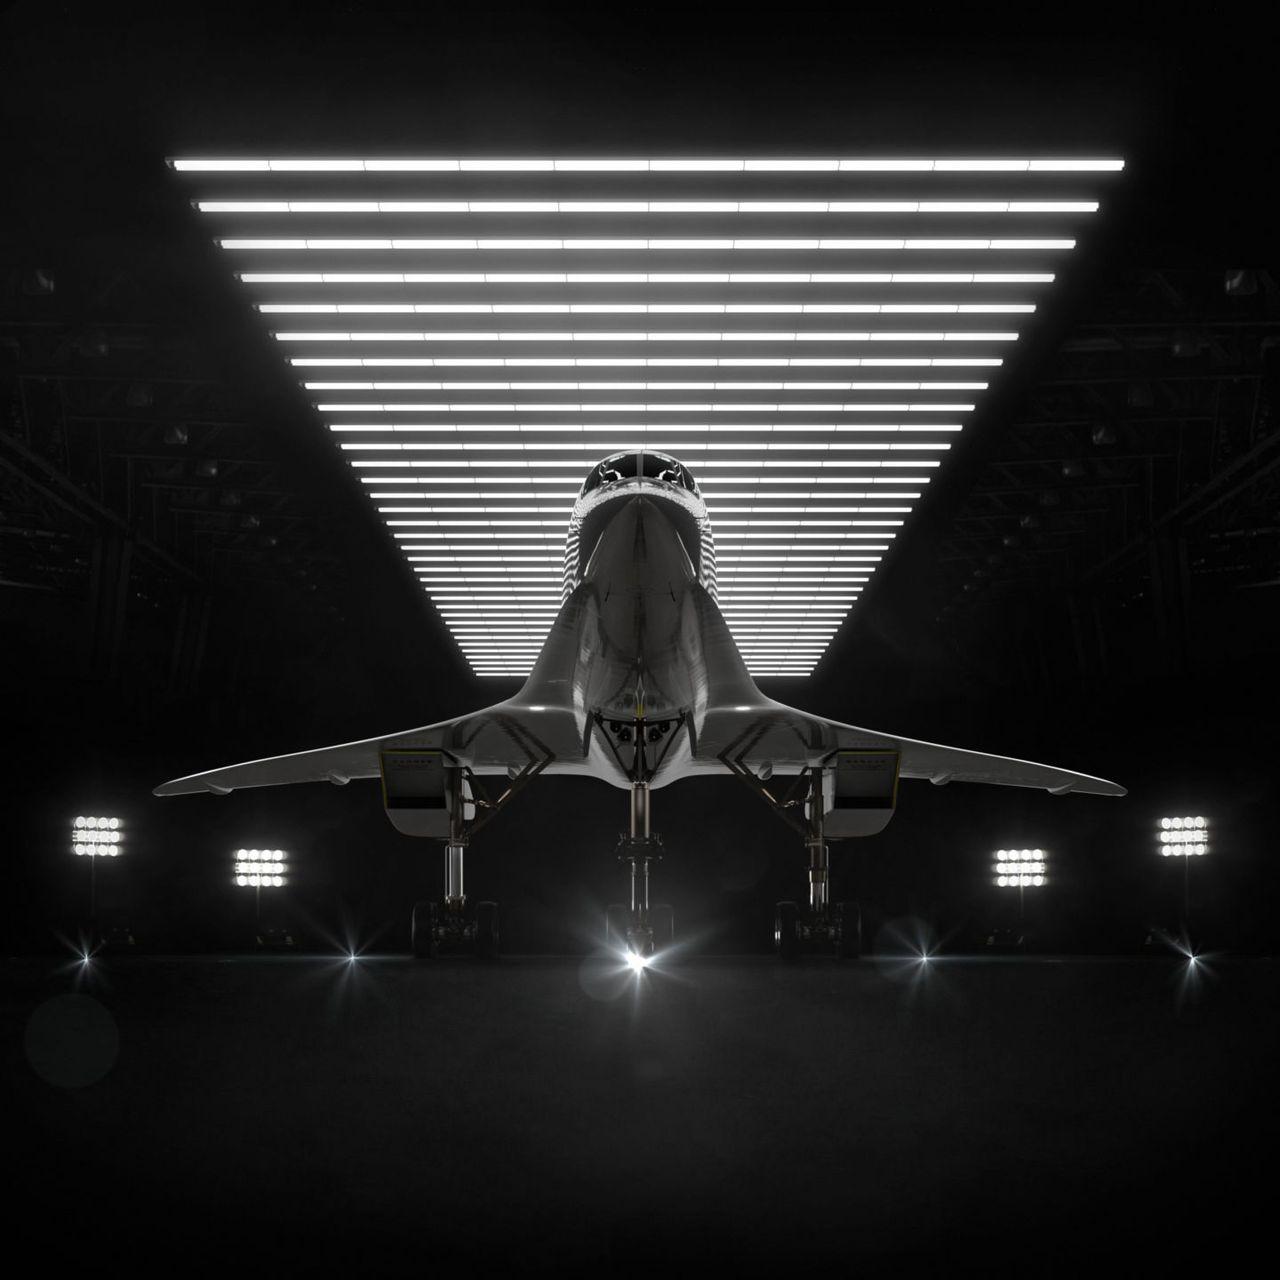 Boom Supersonic planerar nytt överljudsplan